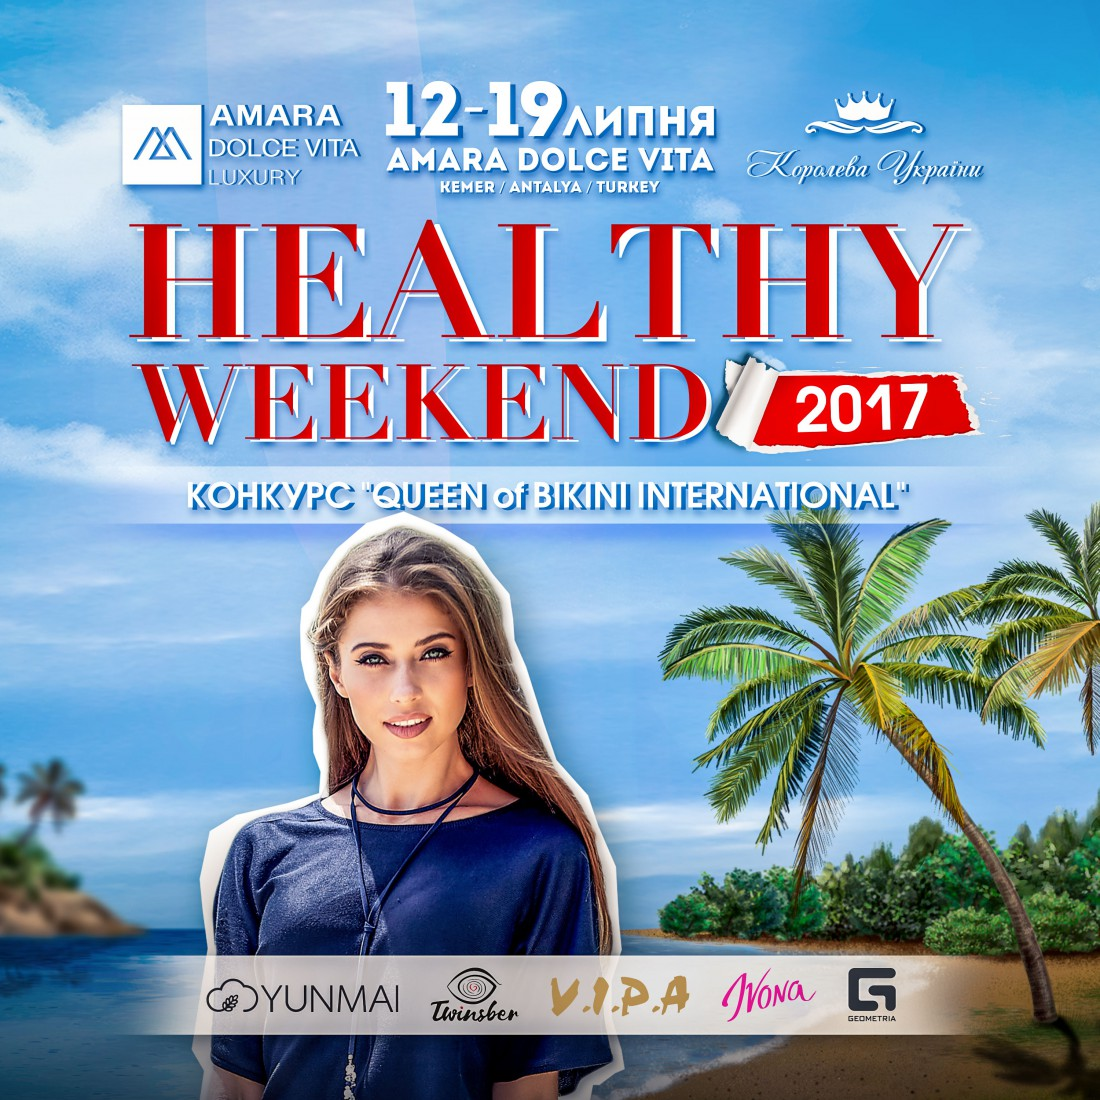 Healthy Weekend 2017